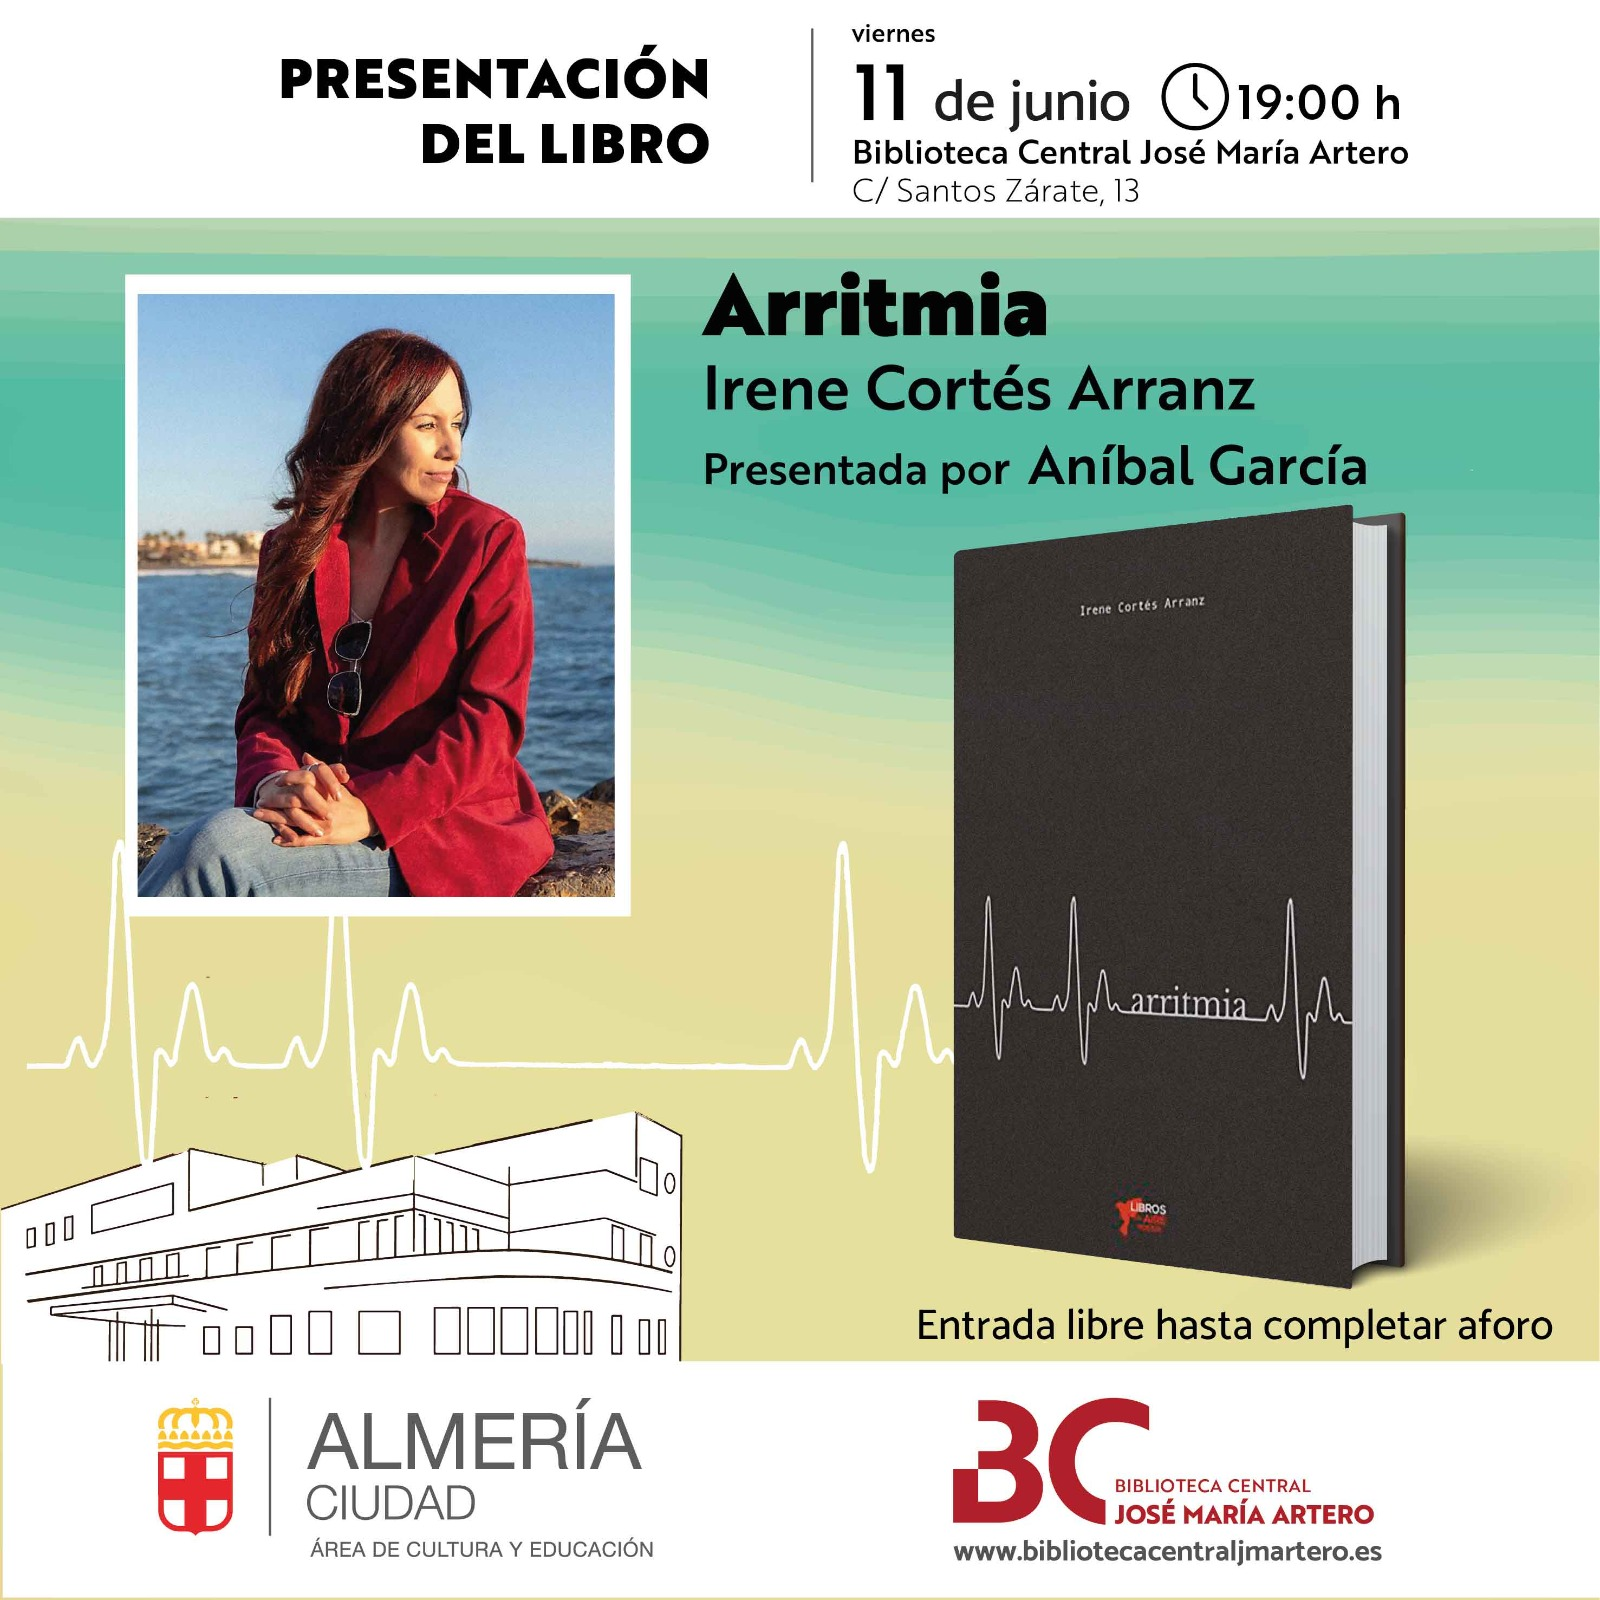 'Arritmia' de Irene Cortés